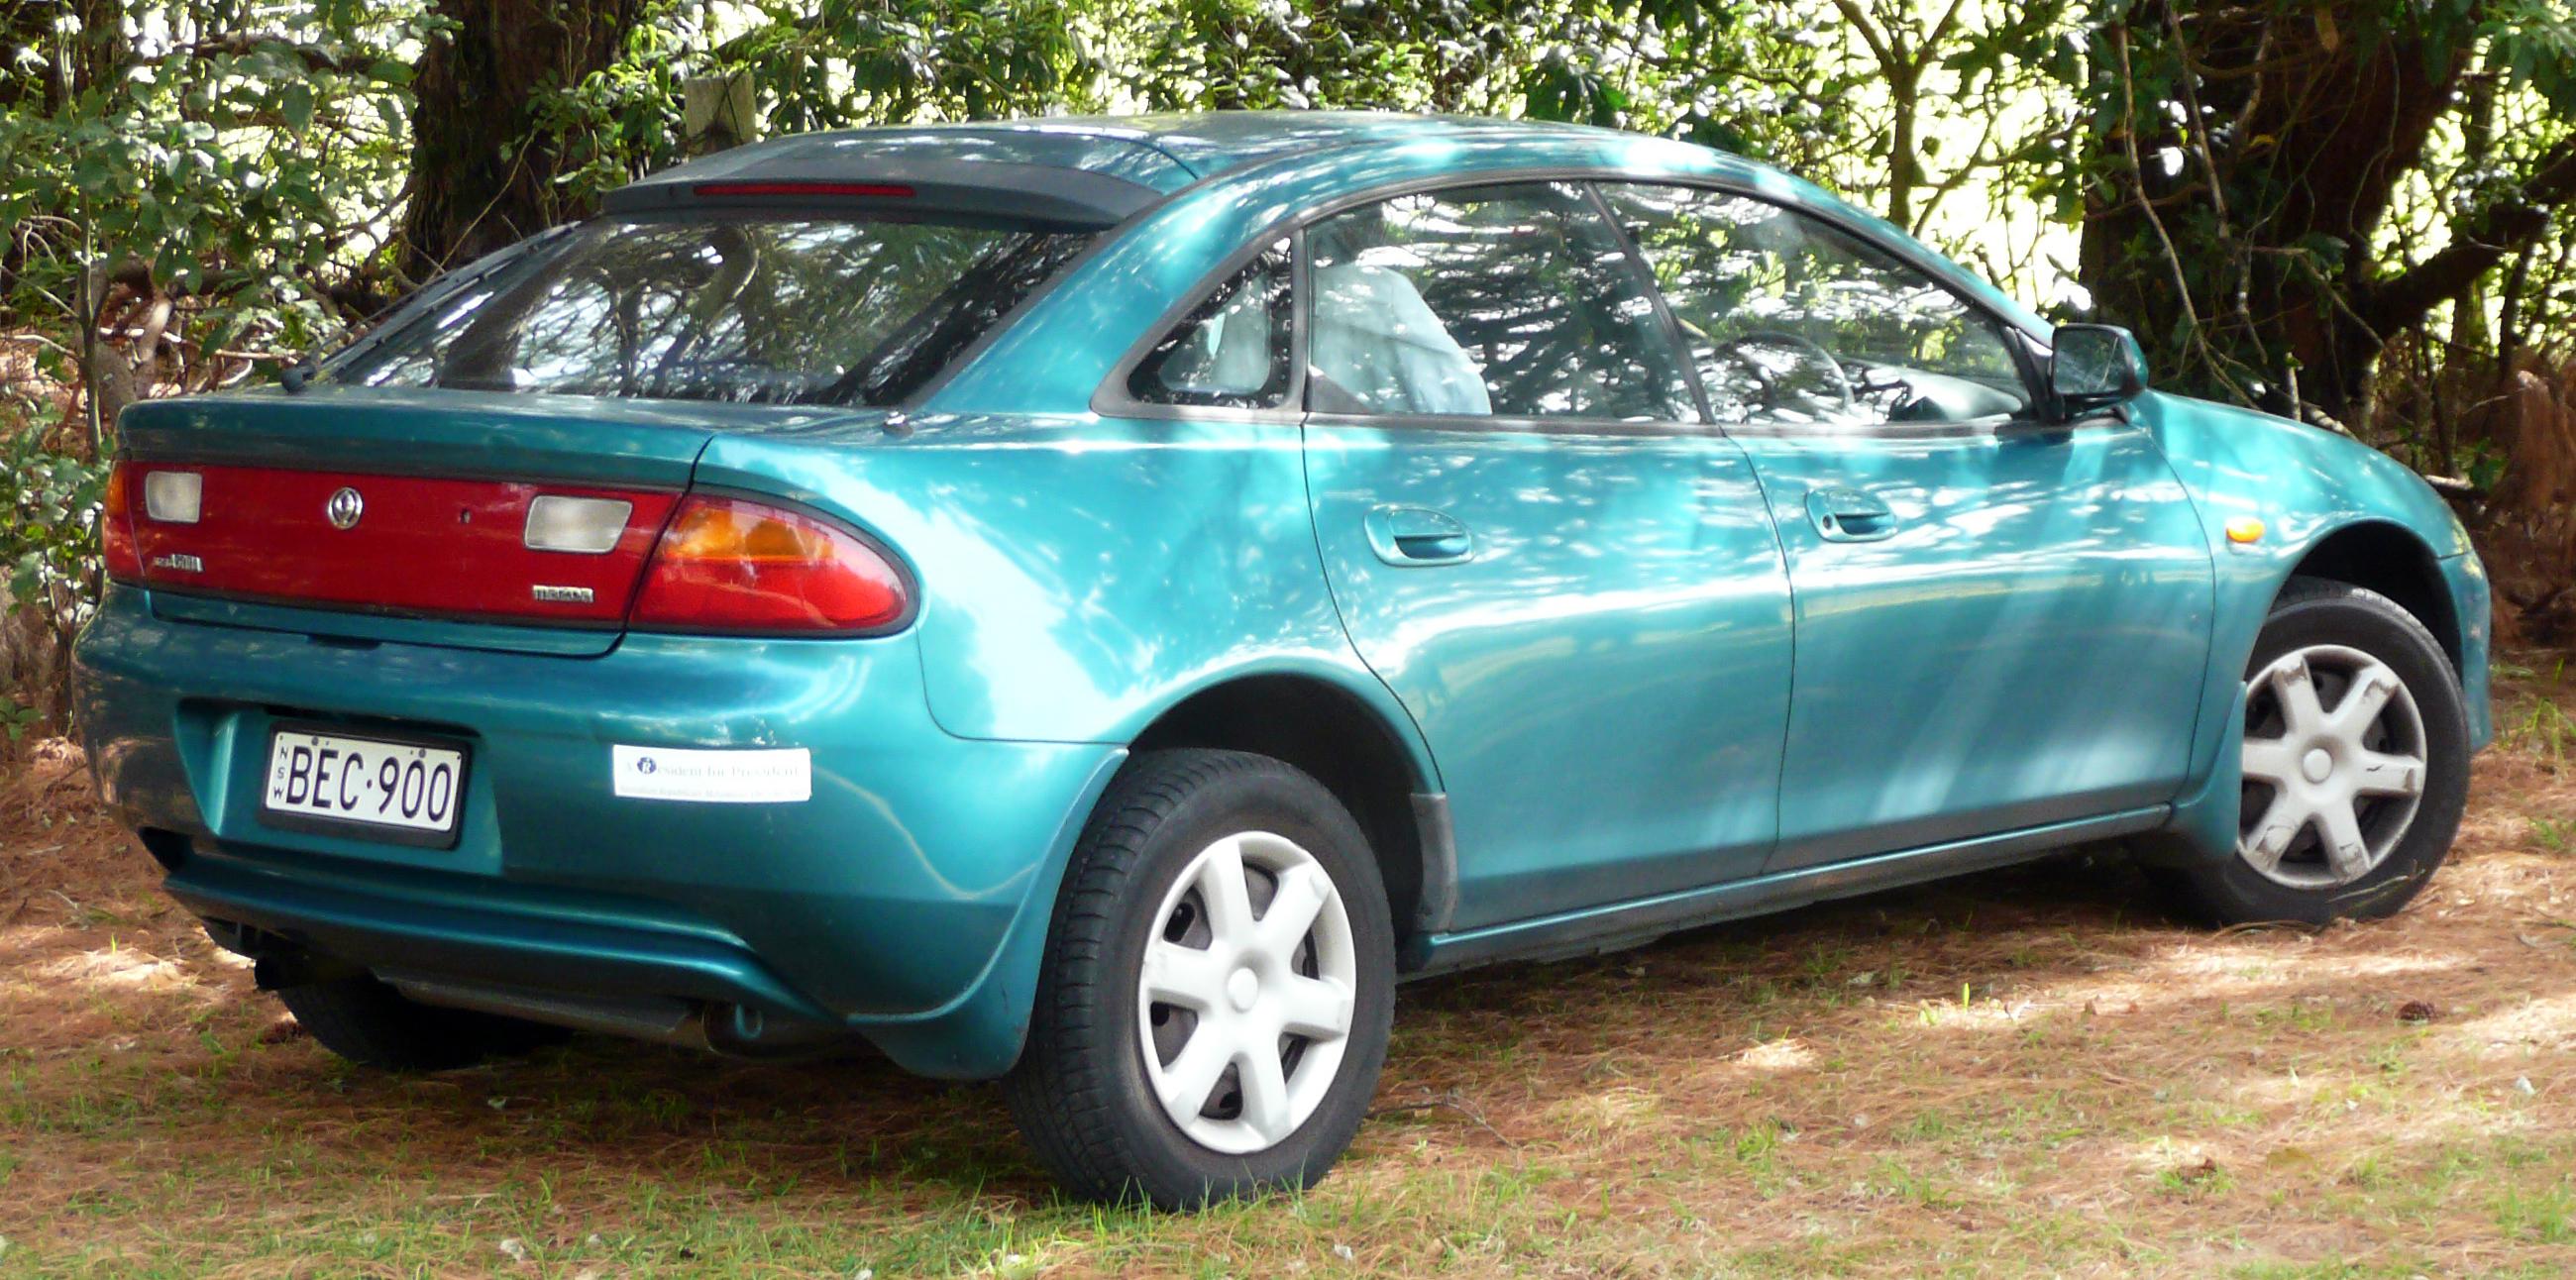 Mazda 3 5 Door >> File:1997 Mazda 323 (BA Series 3) Astina 5-door hatchback 01.jpg - Wikimedia Commons